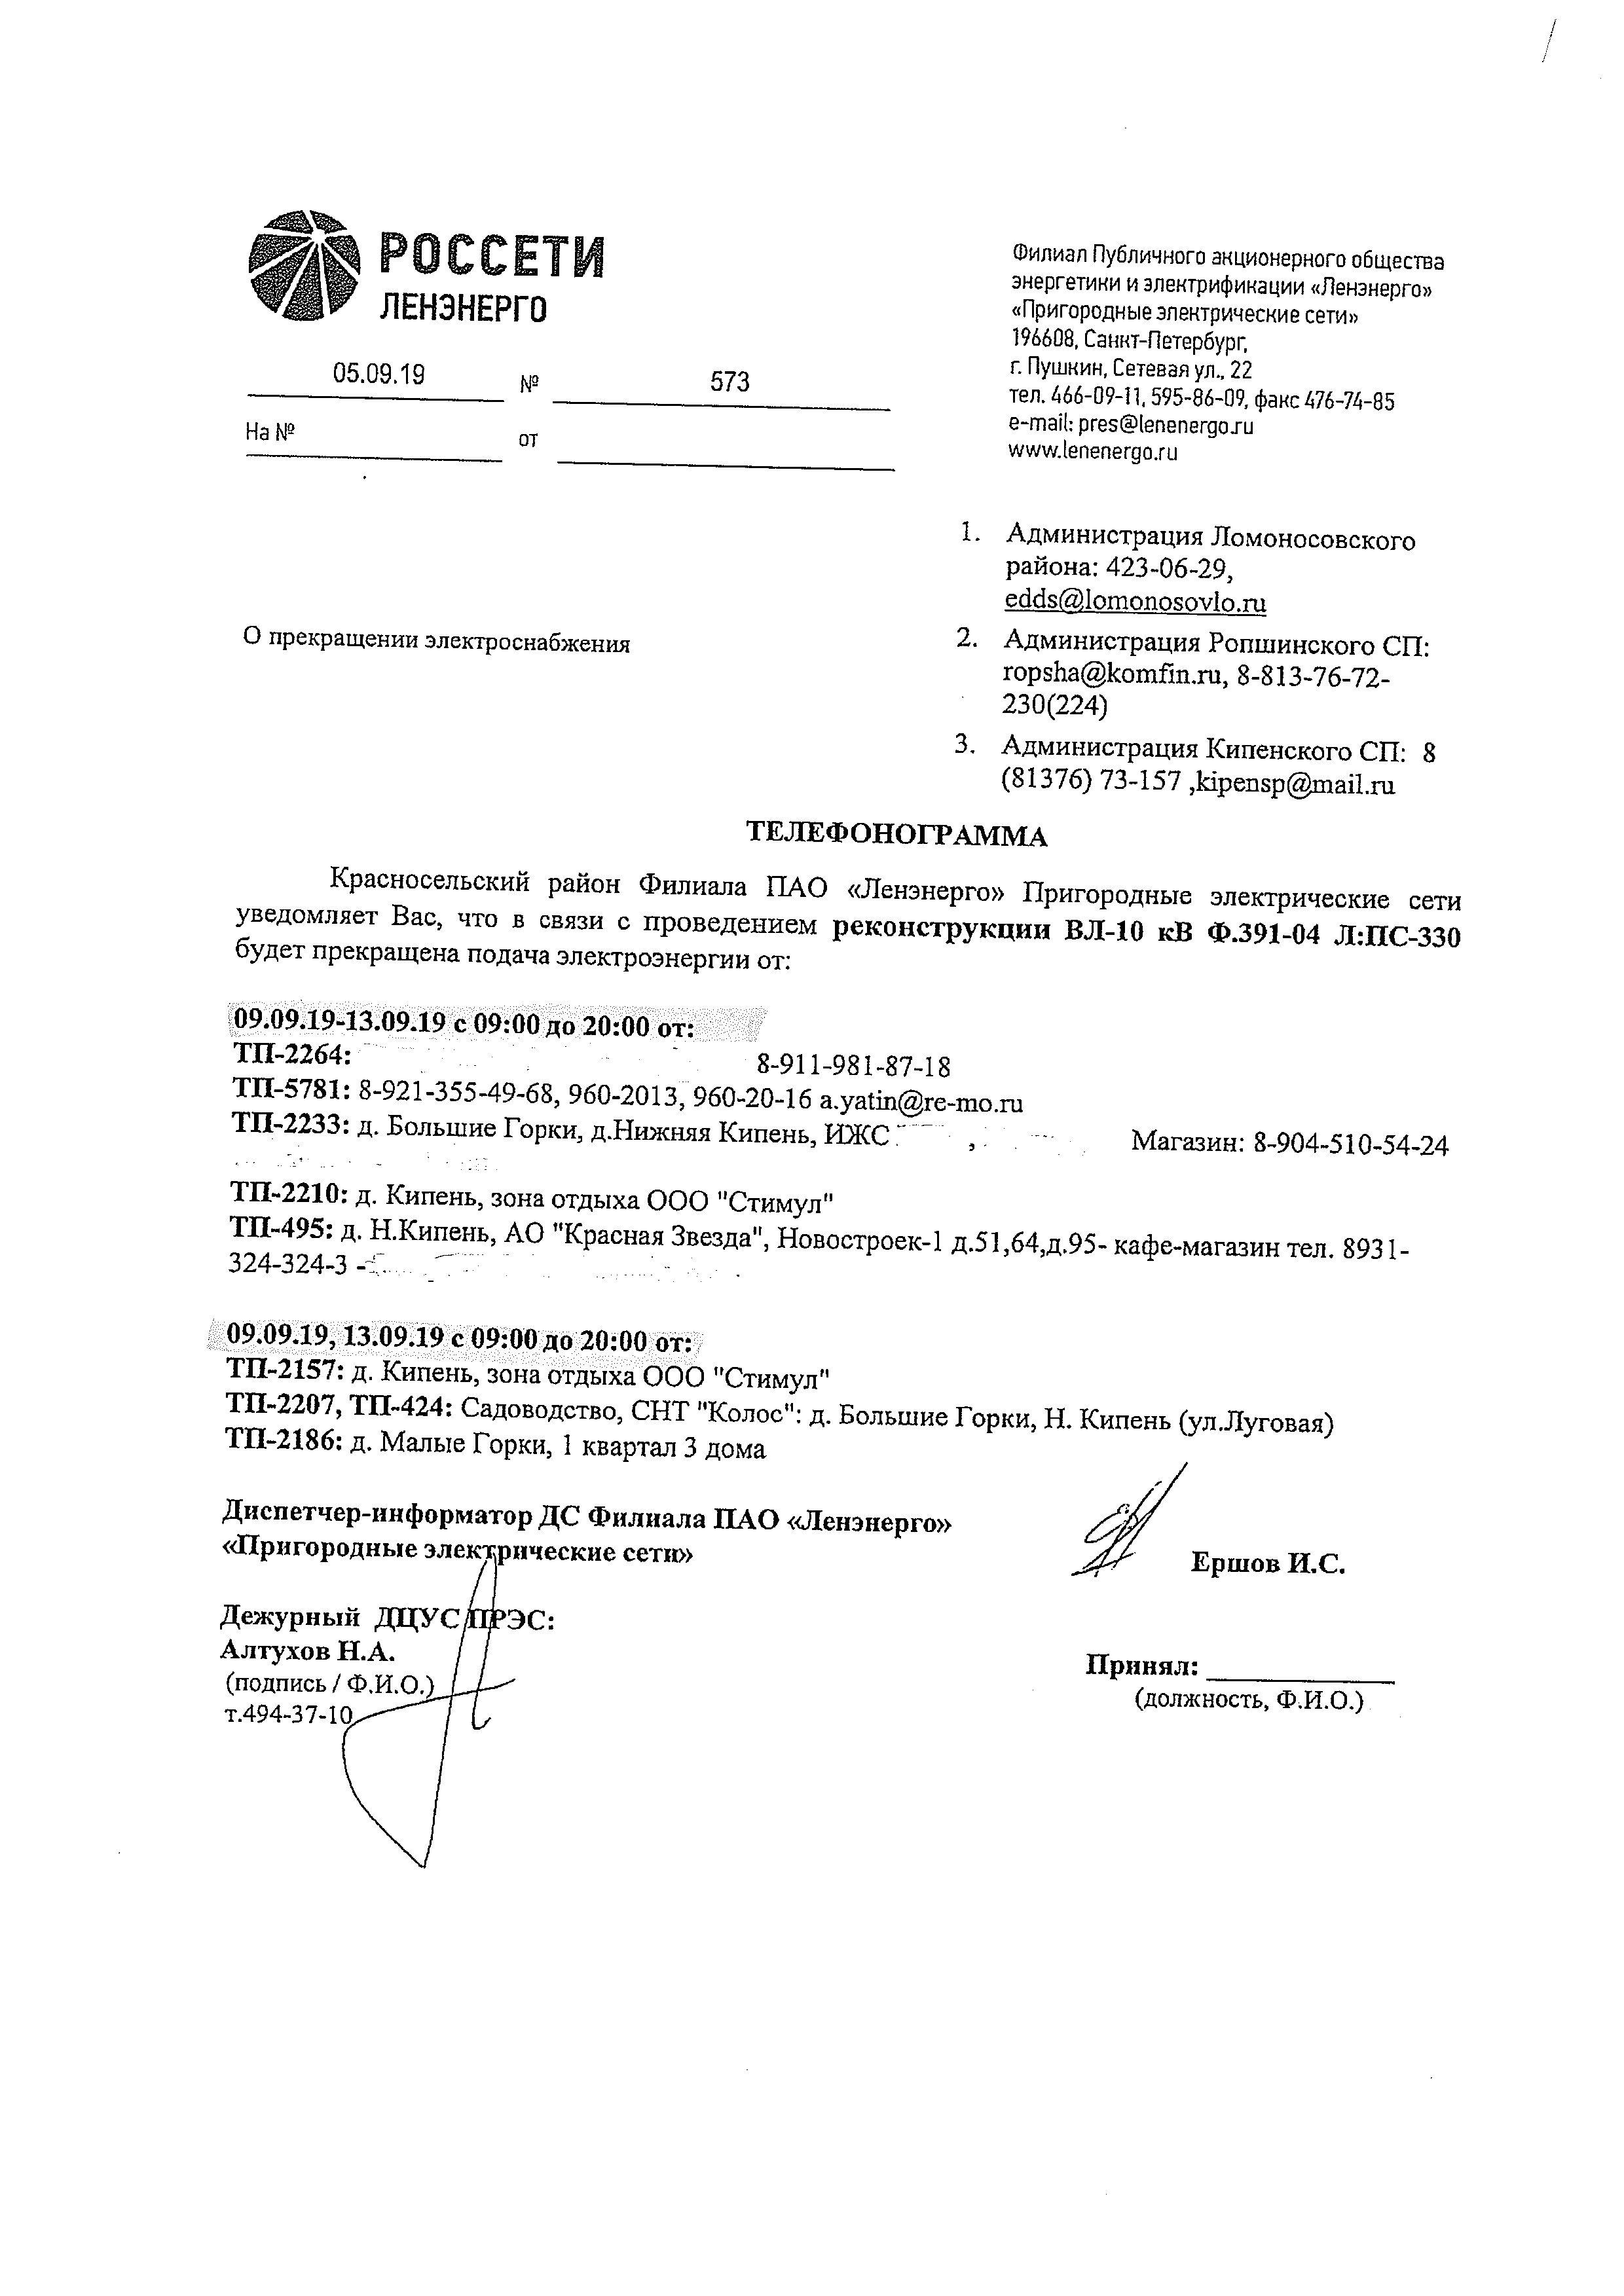 Ершов И.С 001